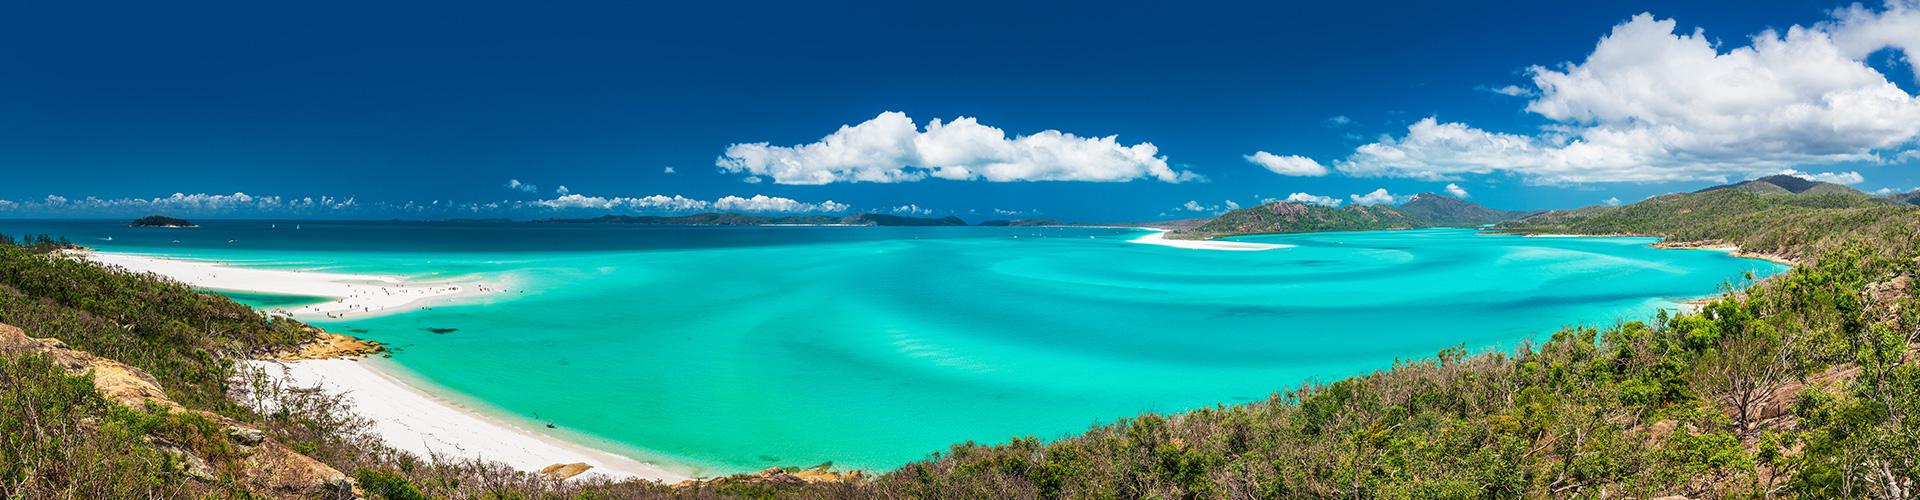 Whitsunday Islands Explorer